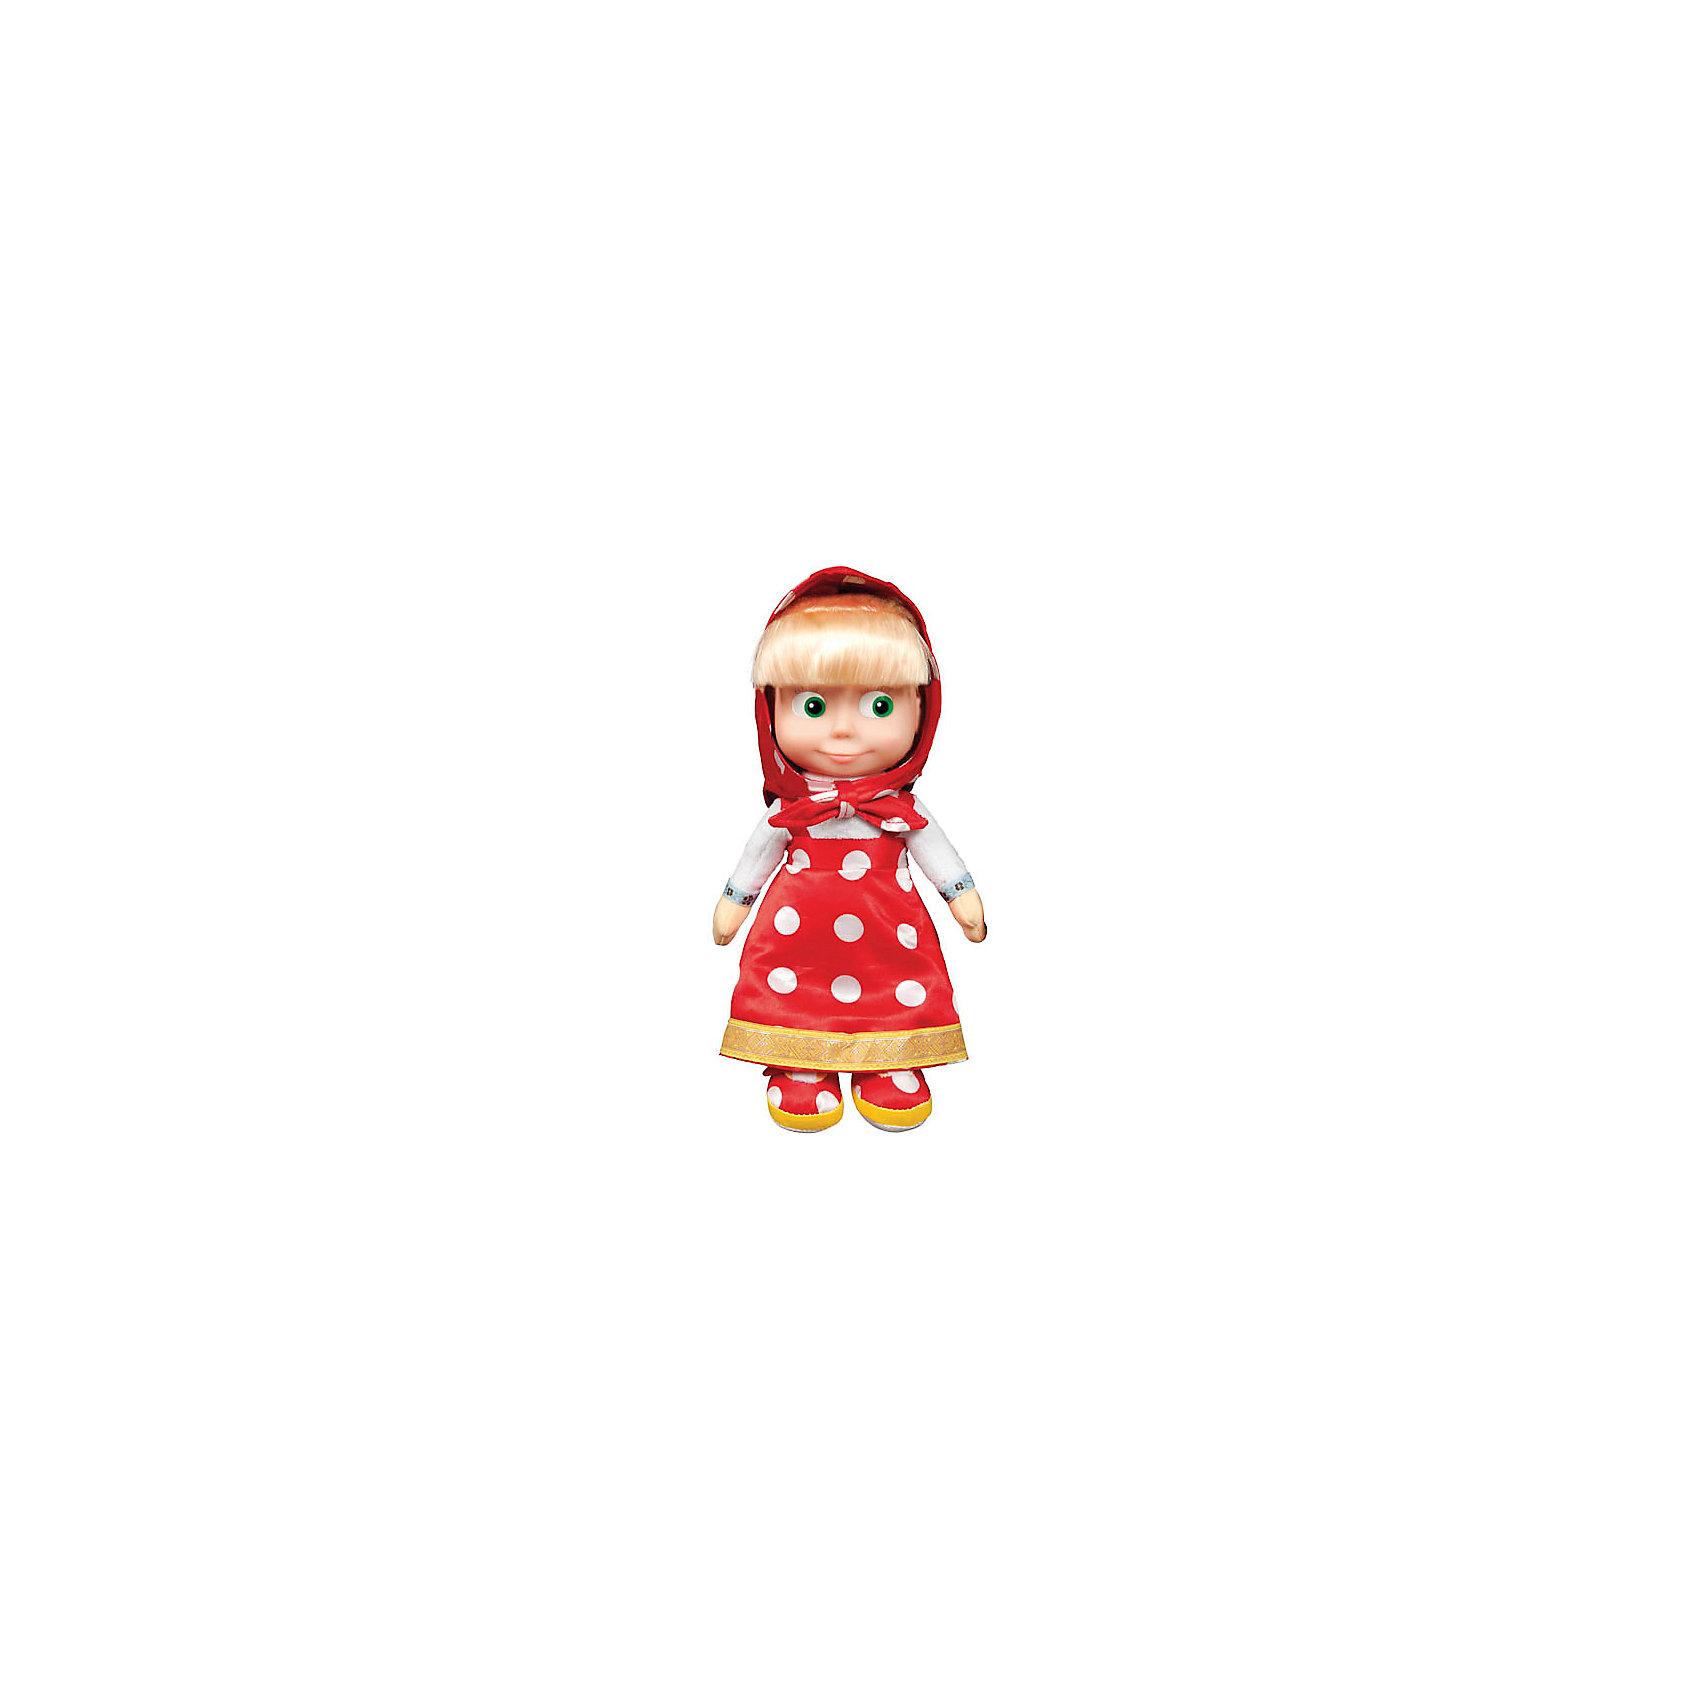 Мягкая игрушка Маша, 29 см, со звуком, Маша и Медведь, МУЛЬТИ-ПУЛЬТИКукла Маша со звуком от марки МУЛЬТИ-ПУЛЬТИ<br><br>Интерактивная говорящая кукла от отечественного производителя поможет ребенку проводить время весело и с пользой. Она сделана в виде Маши из известного любимого детьми мультфильма. Нажав на одну из ее ступней, можно прослушать различные фразы и песню.<br>Размер куклы универсален - 29 сантиметров, её удобно брать с собой в поездки и на прогулку. Сделана игрушка из качественных и безопасных для ребенка материалов: тело - мягкое, голова - пластмассовая. <br><br>Отличительные особенности игрушки:<br><br>- материал: текстиль, наполнитель, пластик, металл;<br>- звуковой модуль;<br>- язык: русский;<br>- одежда: малиновый сарафан и косынка;<br>- глаза: зеленые;<br>- работает на батарейках;<br>- упаковка: коробка;<br>- высота: 29 см.<br><br>Куклу Машу со звуком от марки МУЛЬТИ-ПУЛЬТИ можно купить в нашем магазине.<br><br>Ширина мм: 400<br>Глубина мм: 400<br>Высота мм: 320<br>Вес г: 250<br>Возраст от месяцев: 36<br>Возраст до месяцев: 84<br>Пол: Женский<br>Возраст: Детский<br>SKU: 4659494